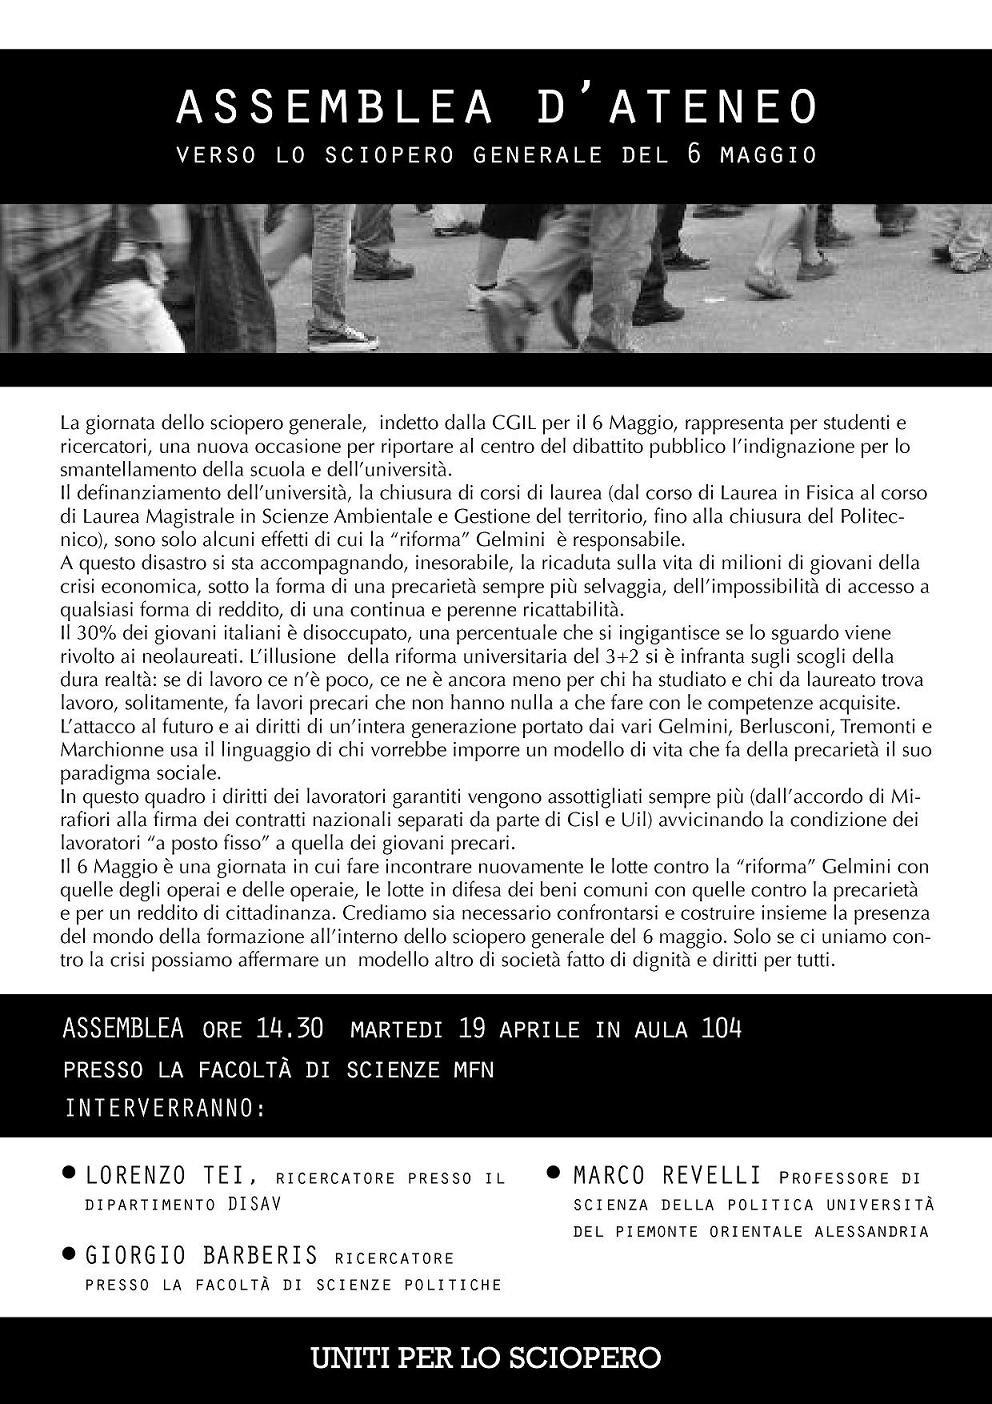 Assemblea d'Ateneo verso lo sciopero del 6 Maggio